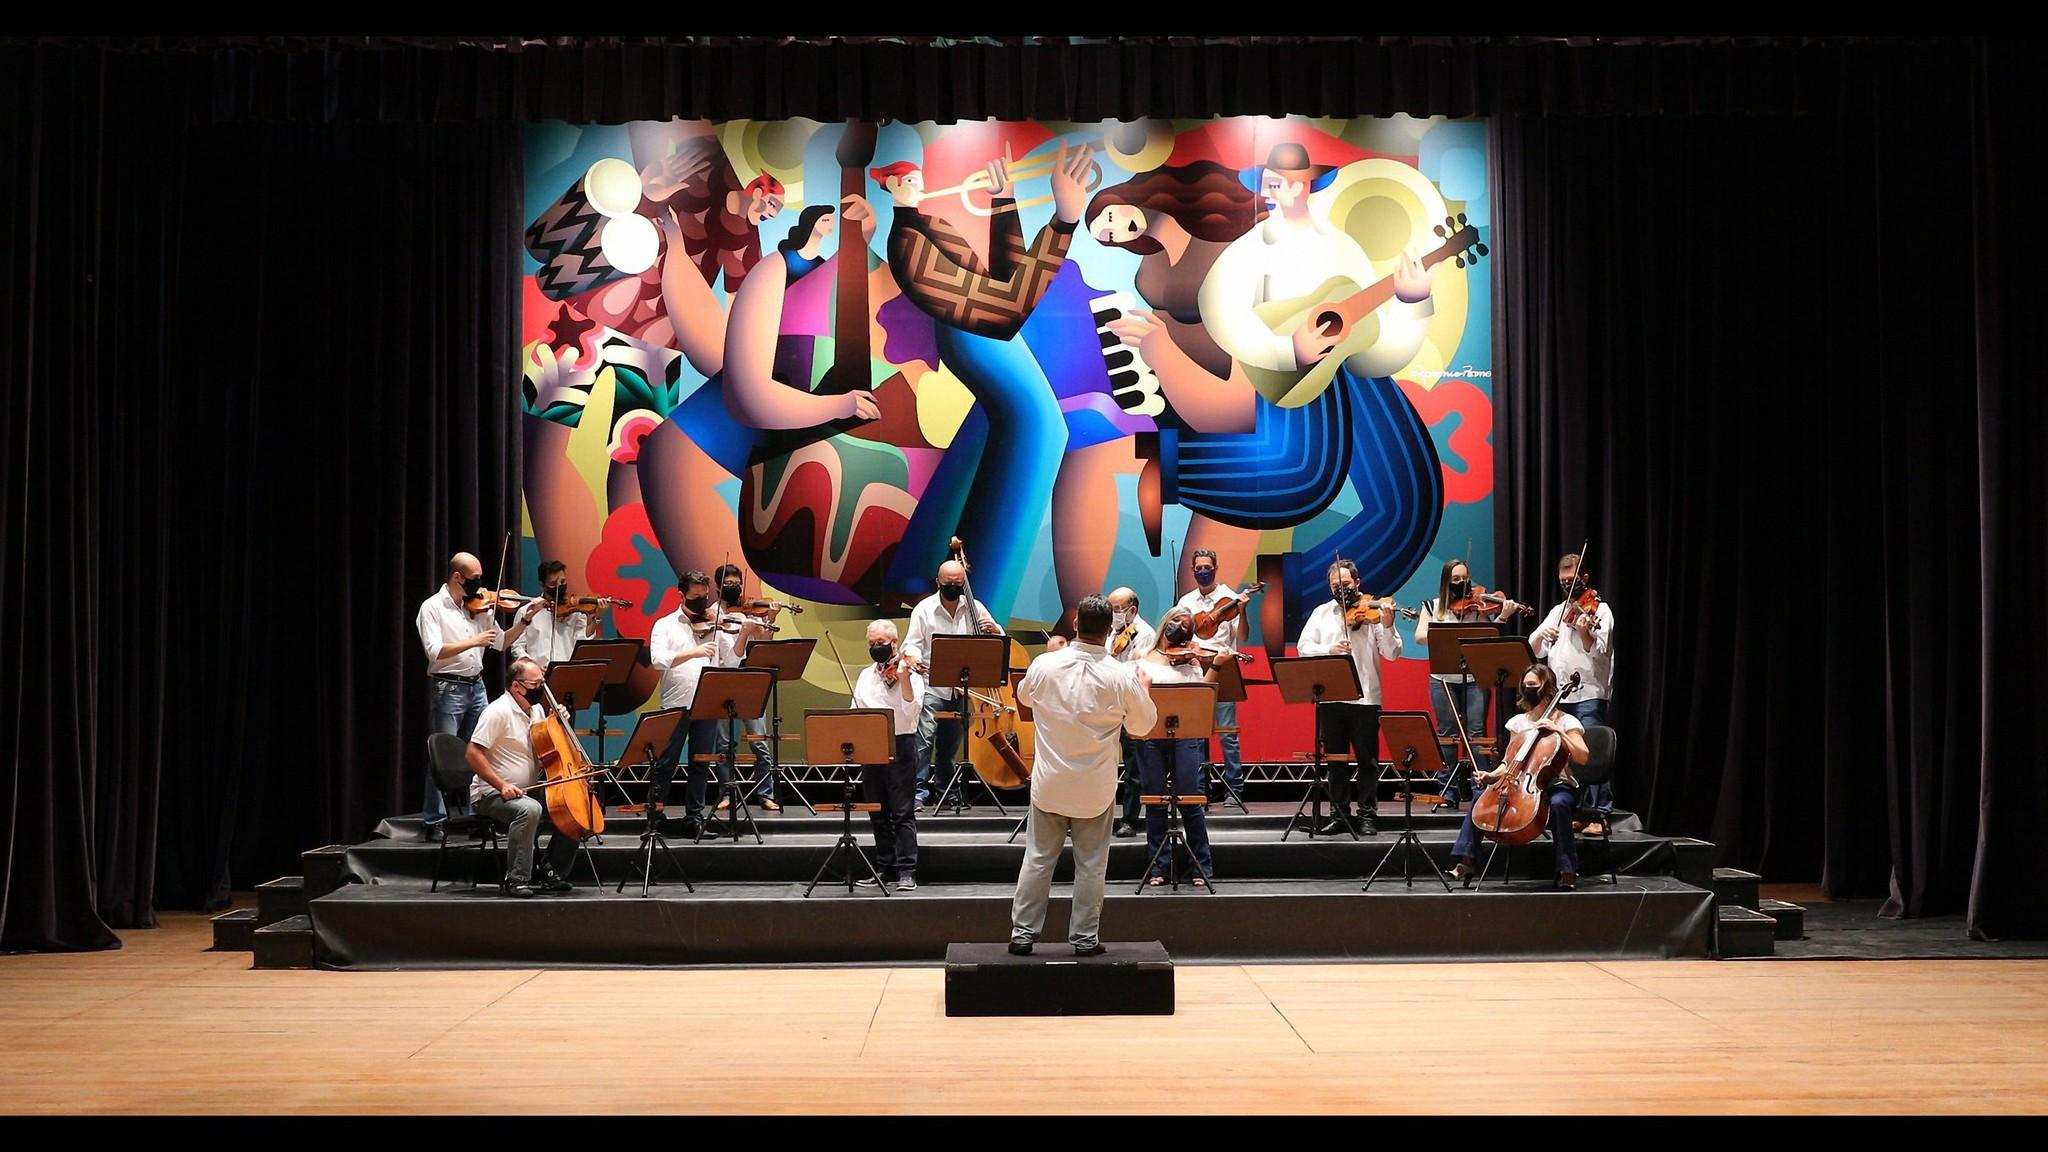 Orquestra Sinfônica de Campinas relembra homenagem ao compositor Zé Keti, que completaria 100 anos